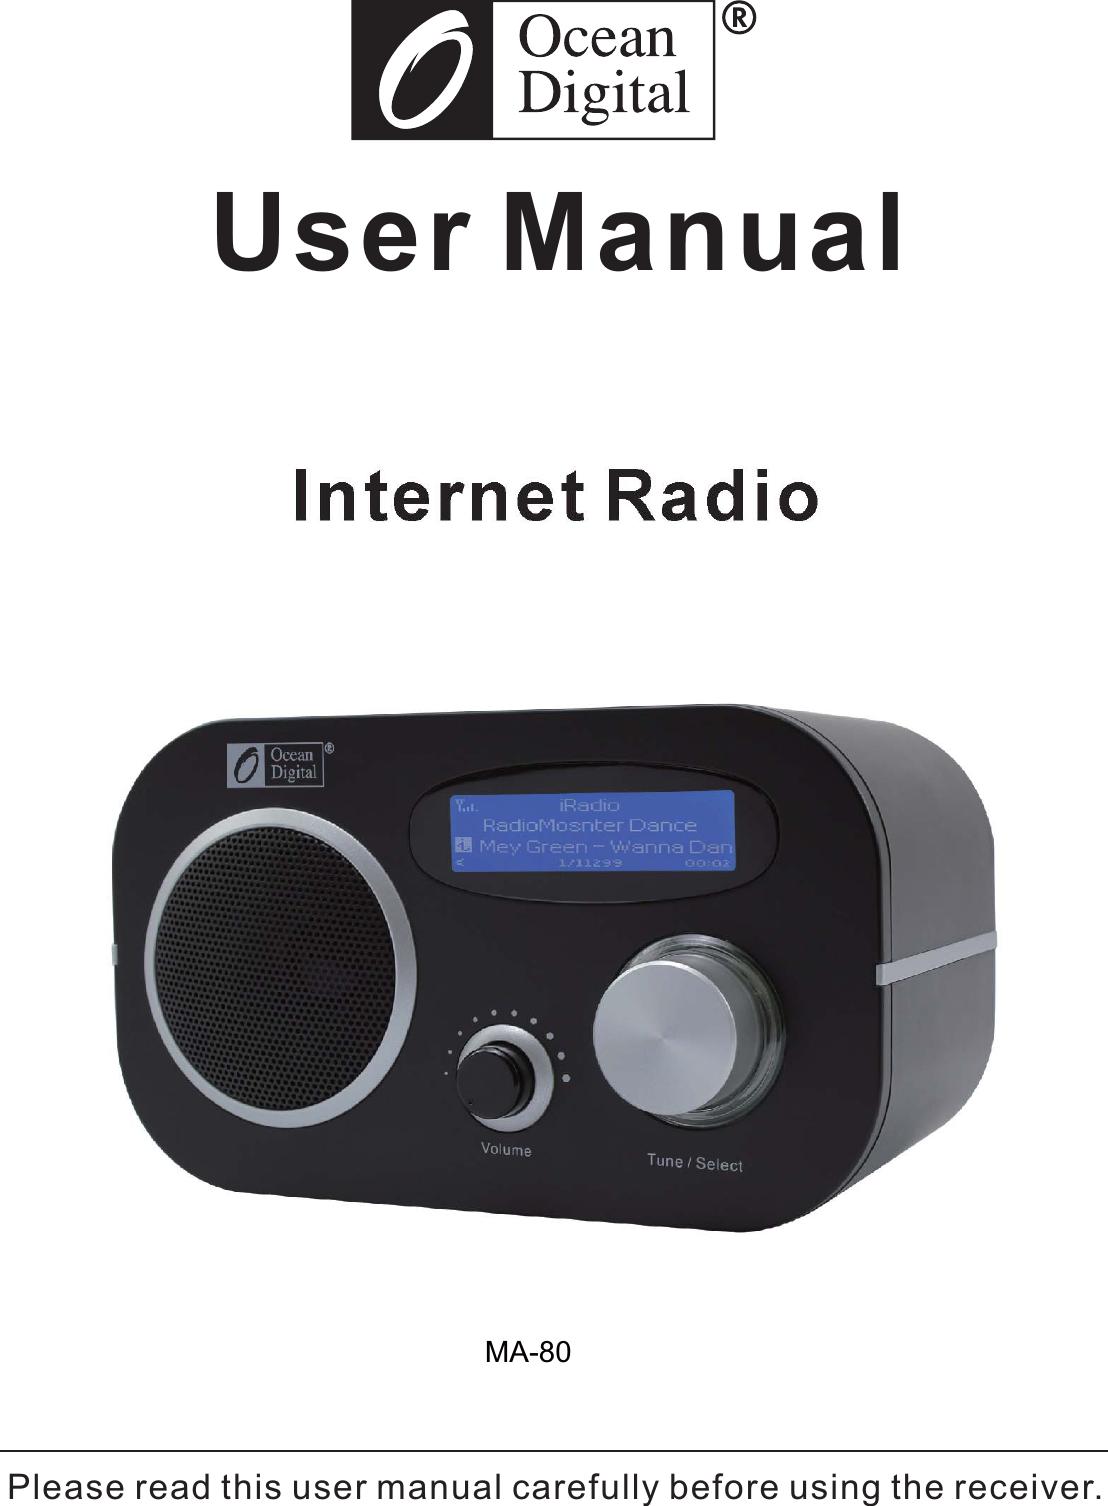 ocean digital wr 200 manual